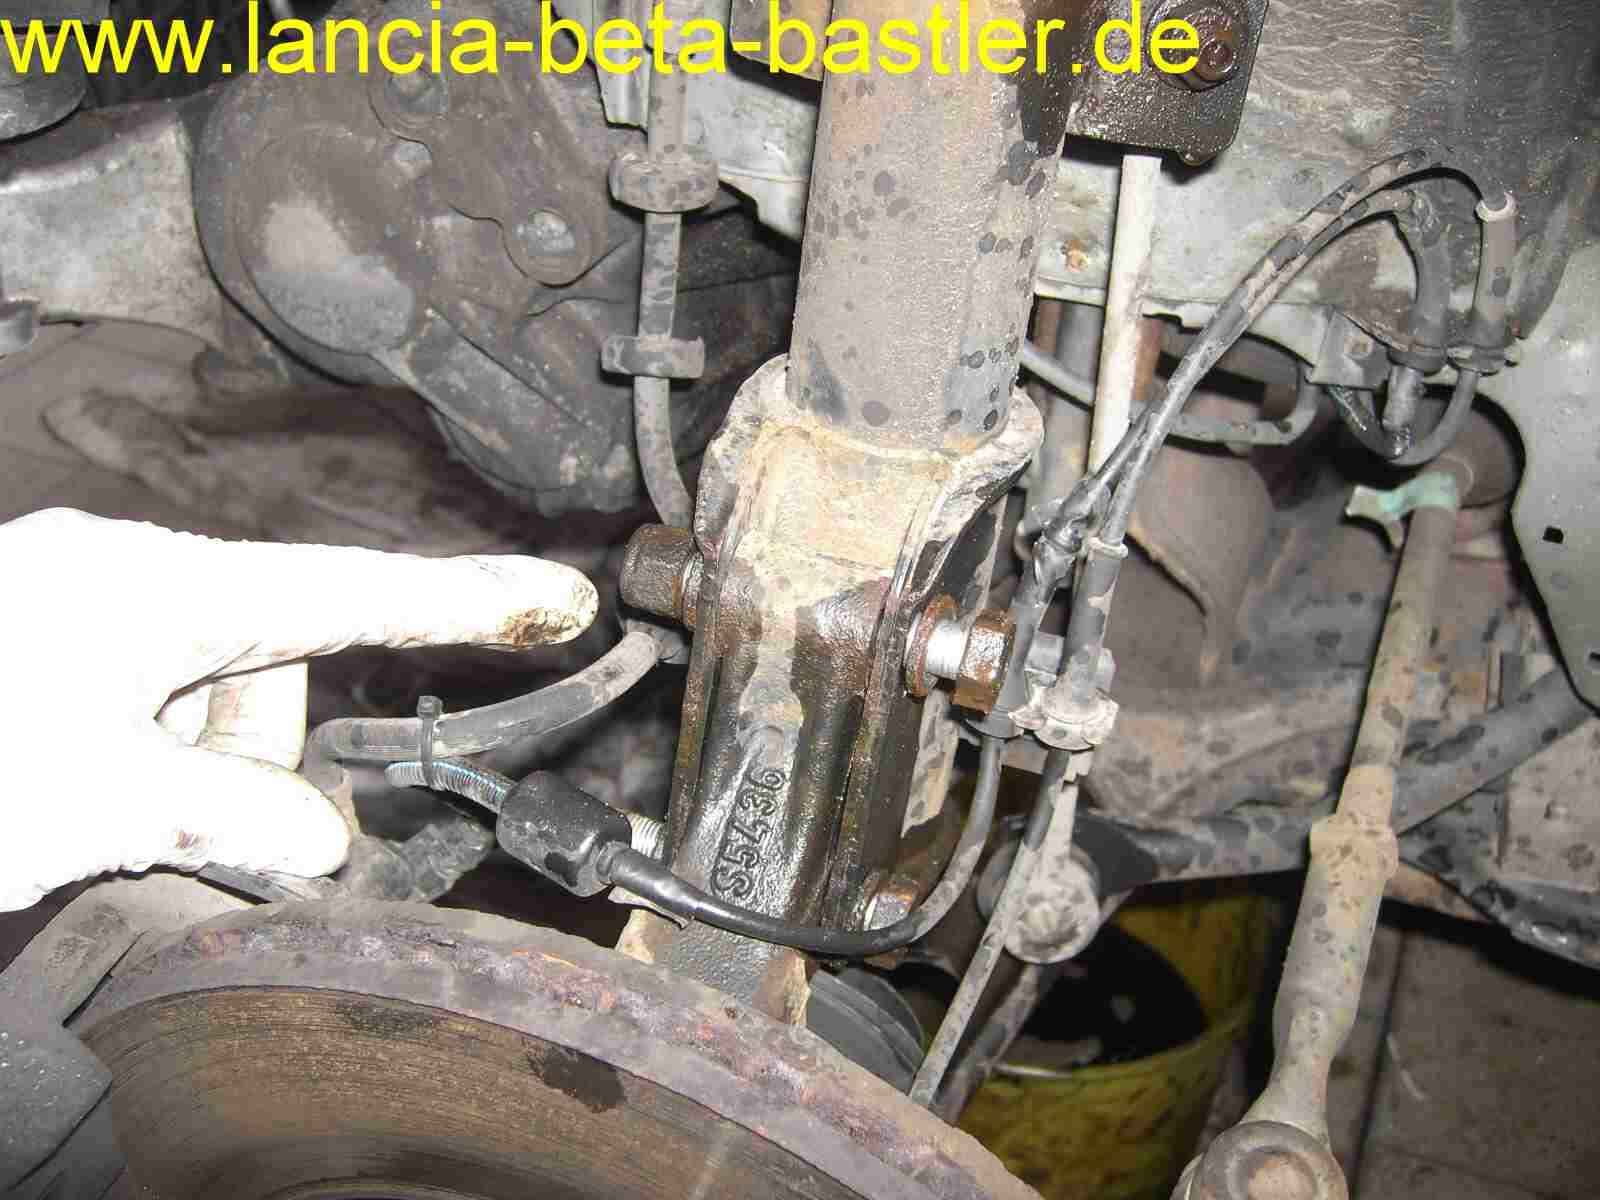 anlasser lancia thesis Bosch anlasser (starter) für lancia thesis modelle erhalten sie bei autodoc zu besonders günstigen konditionen aus einer hand anlasser (starter) und weitere ersatzteile von bosch können sie bequem online kaufen.